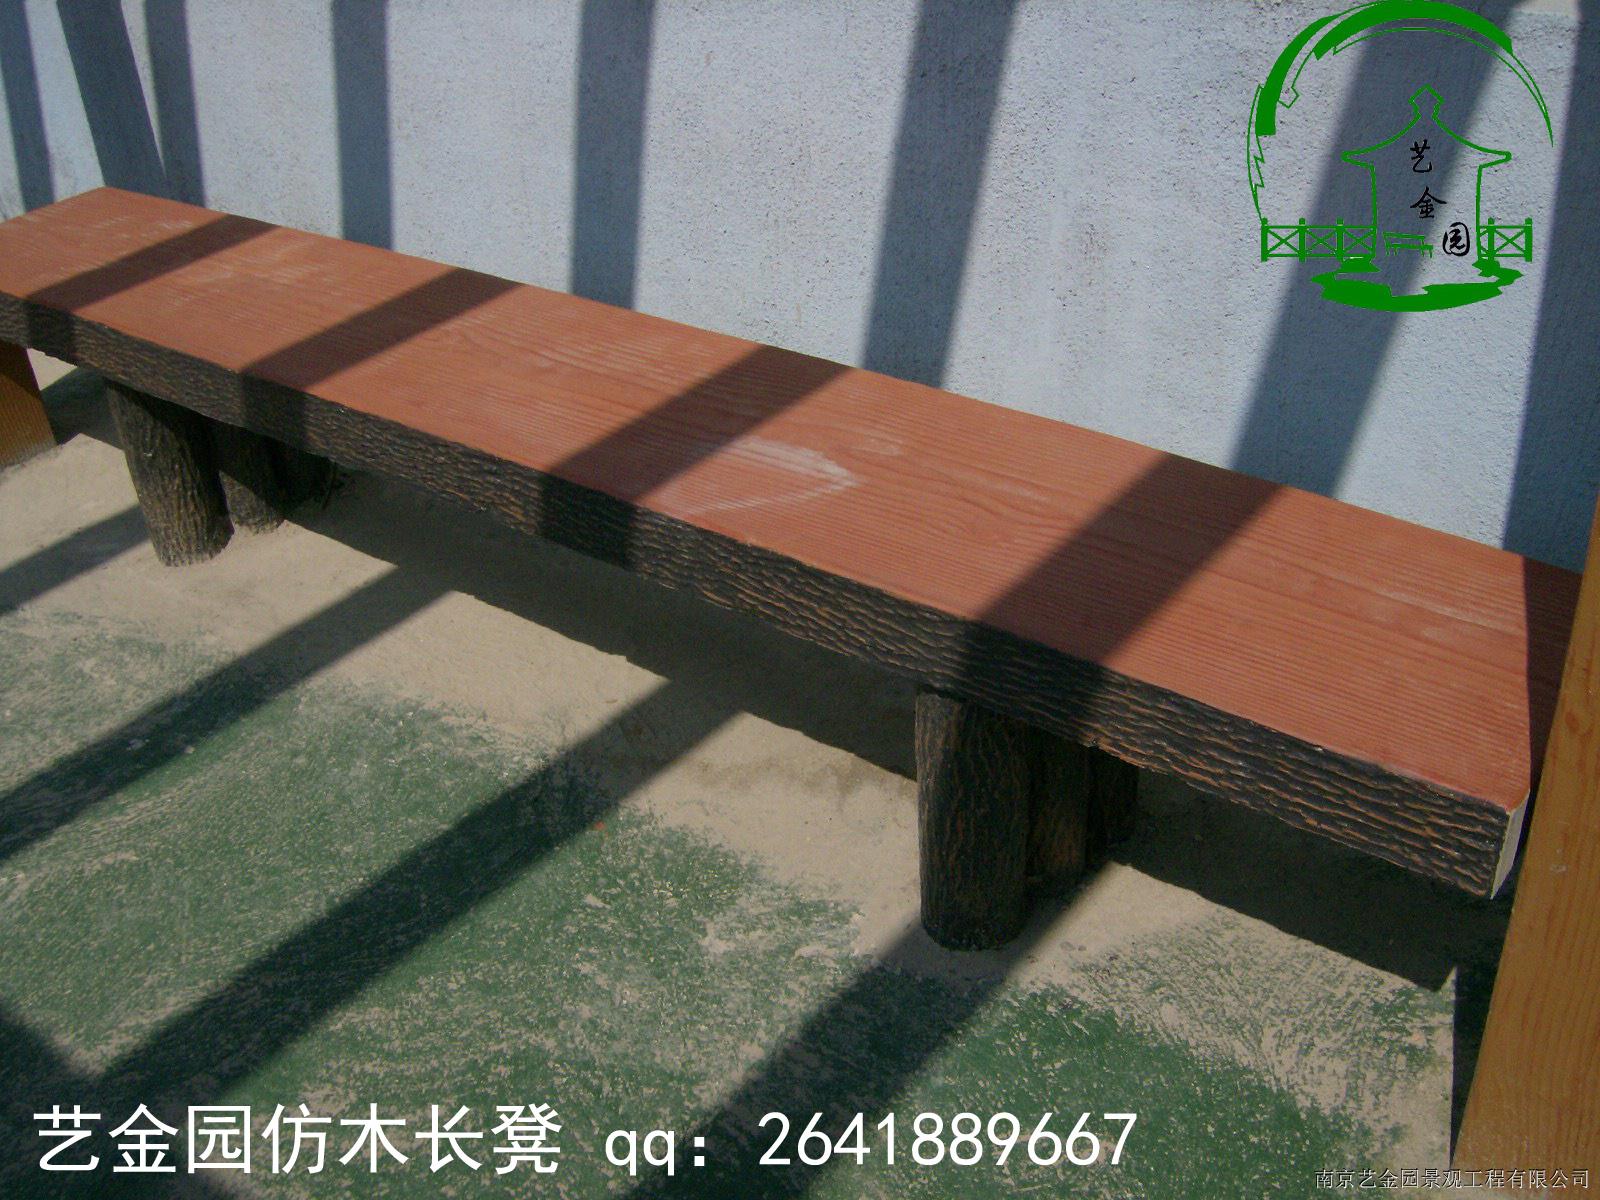 园林小品,仿木制品,桌凳,仿木